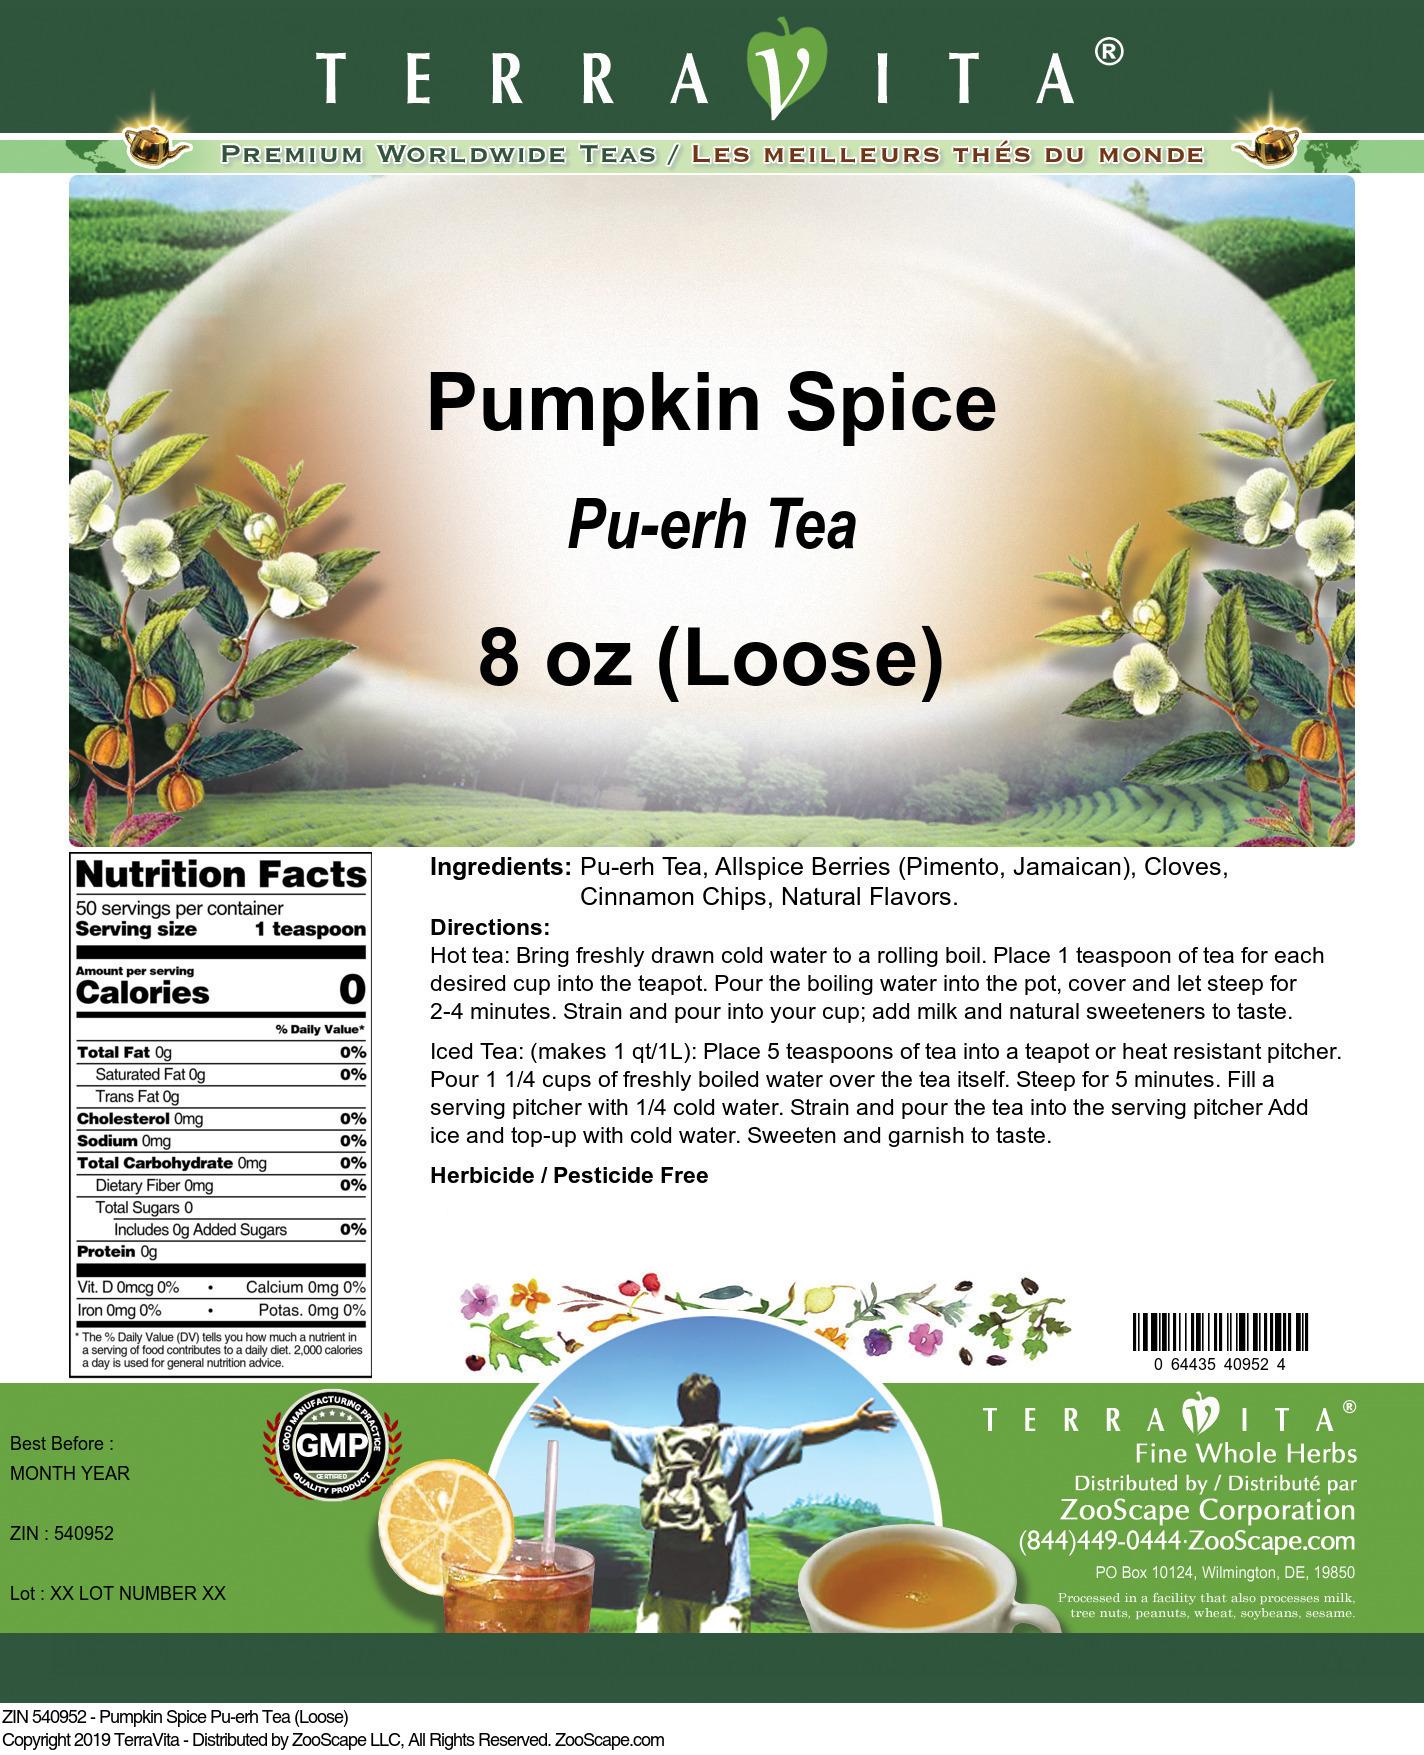 Pumpkin Spice Pu-erh Tea (Loose)